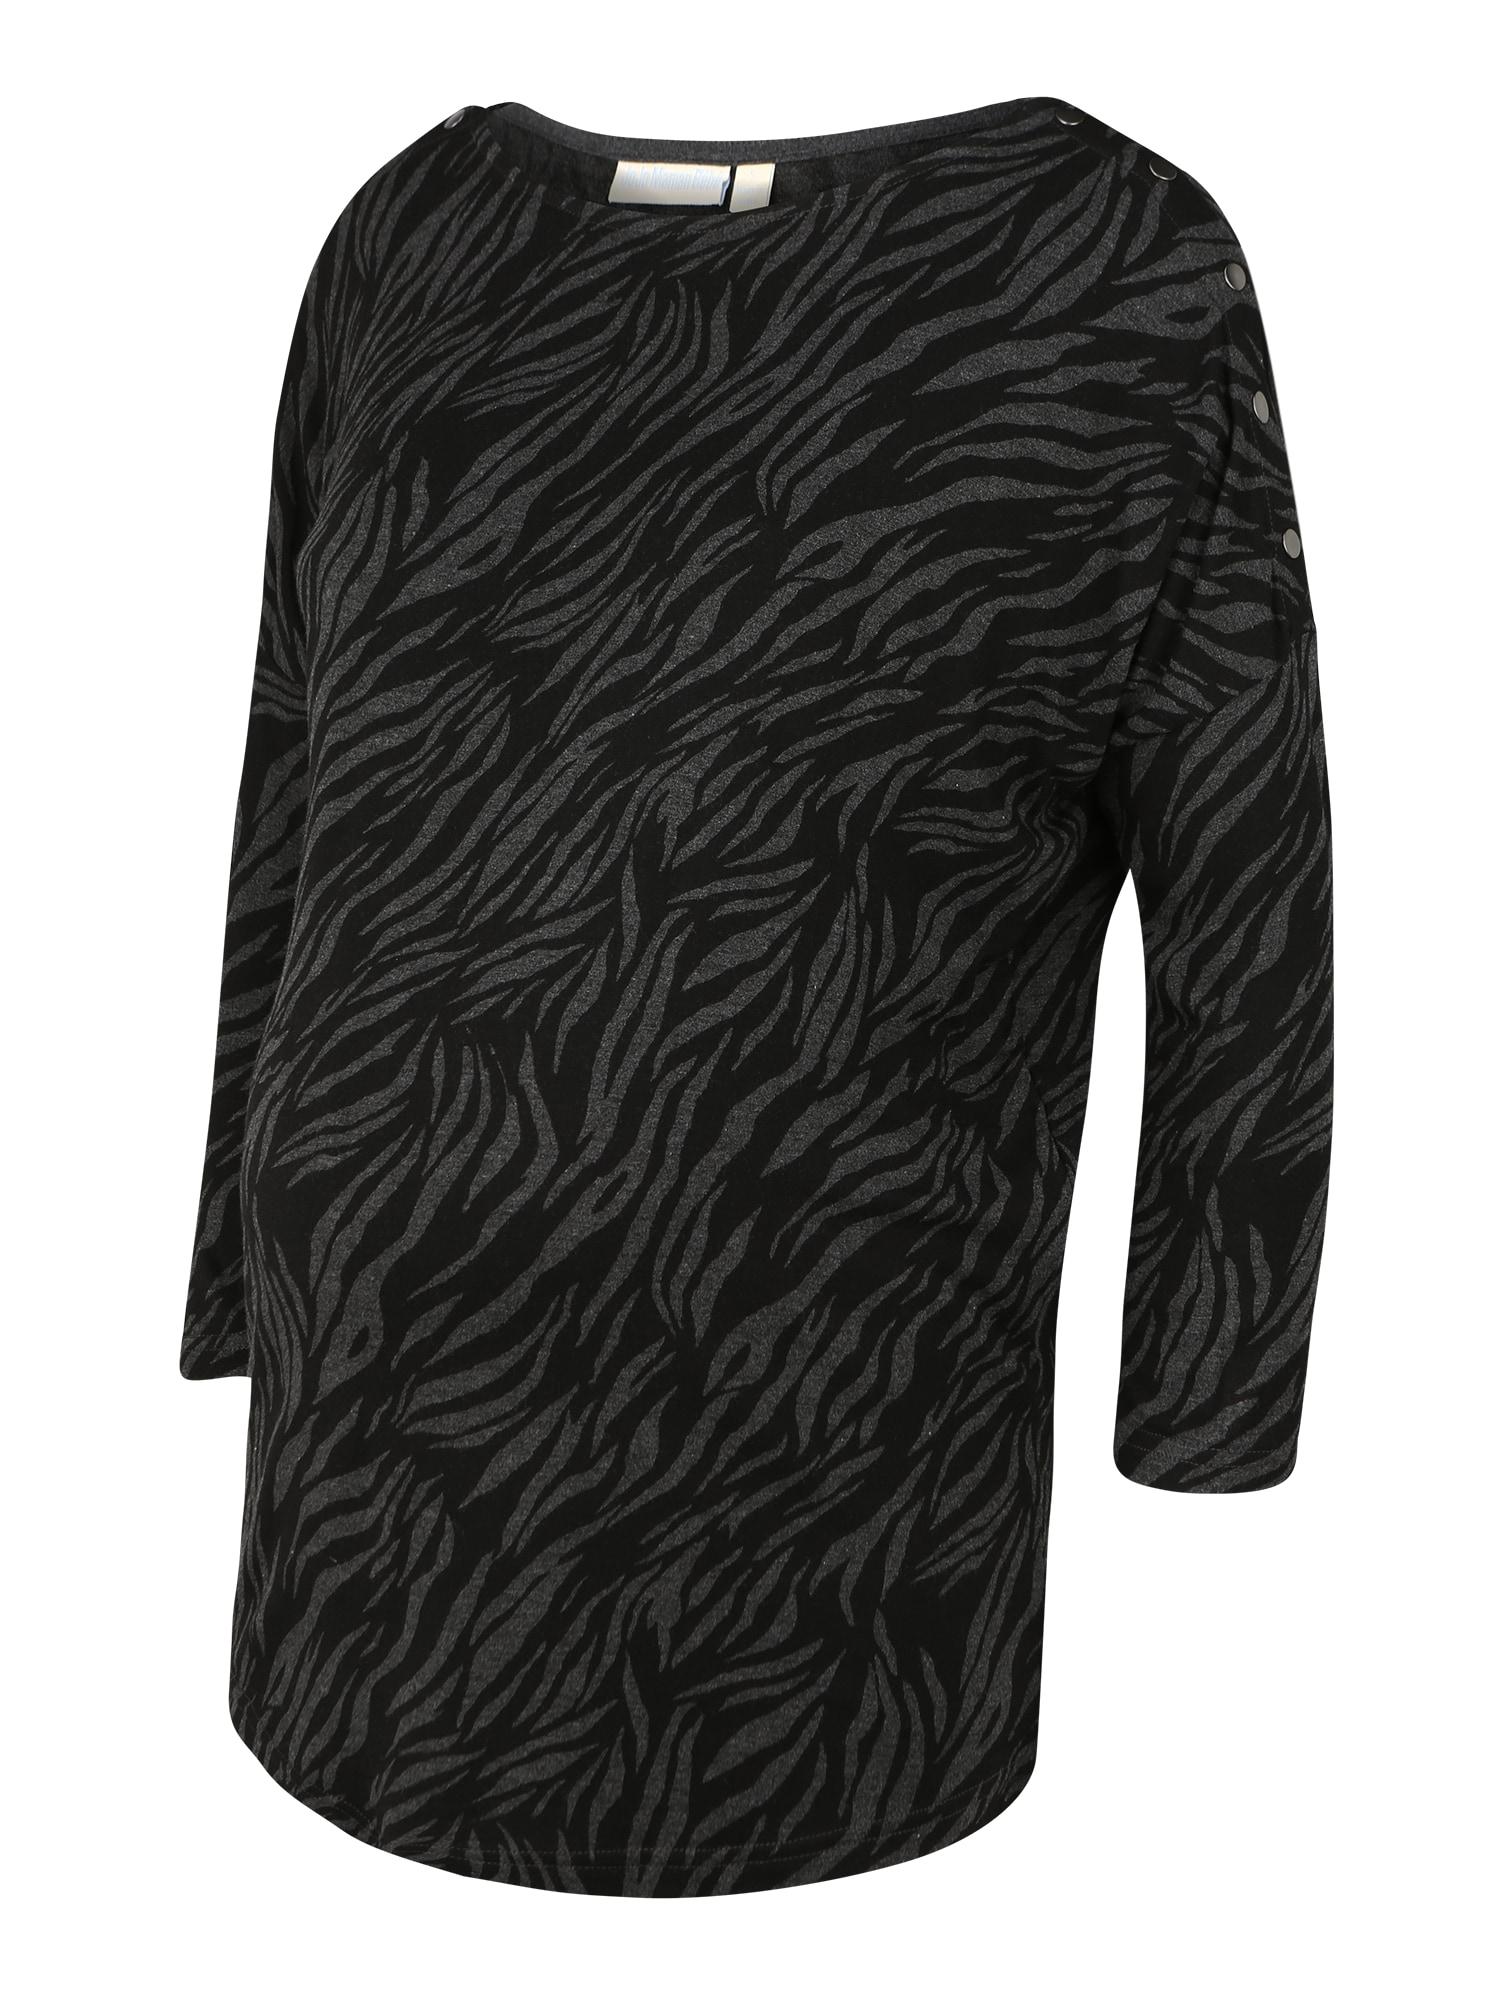 JoJo Maman Bébé Marškinėliai tamsiai pilka / antracito